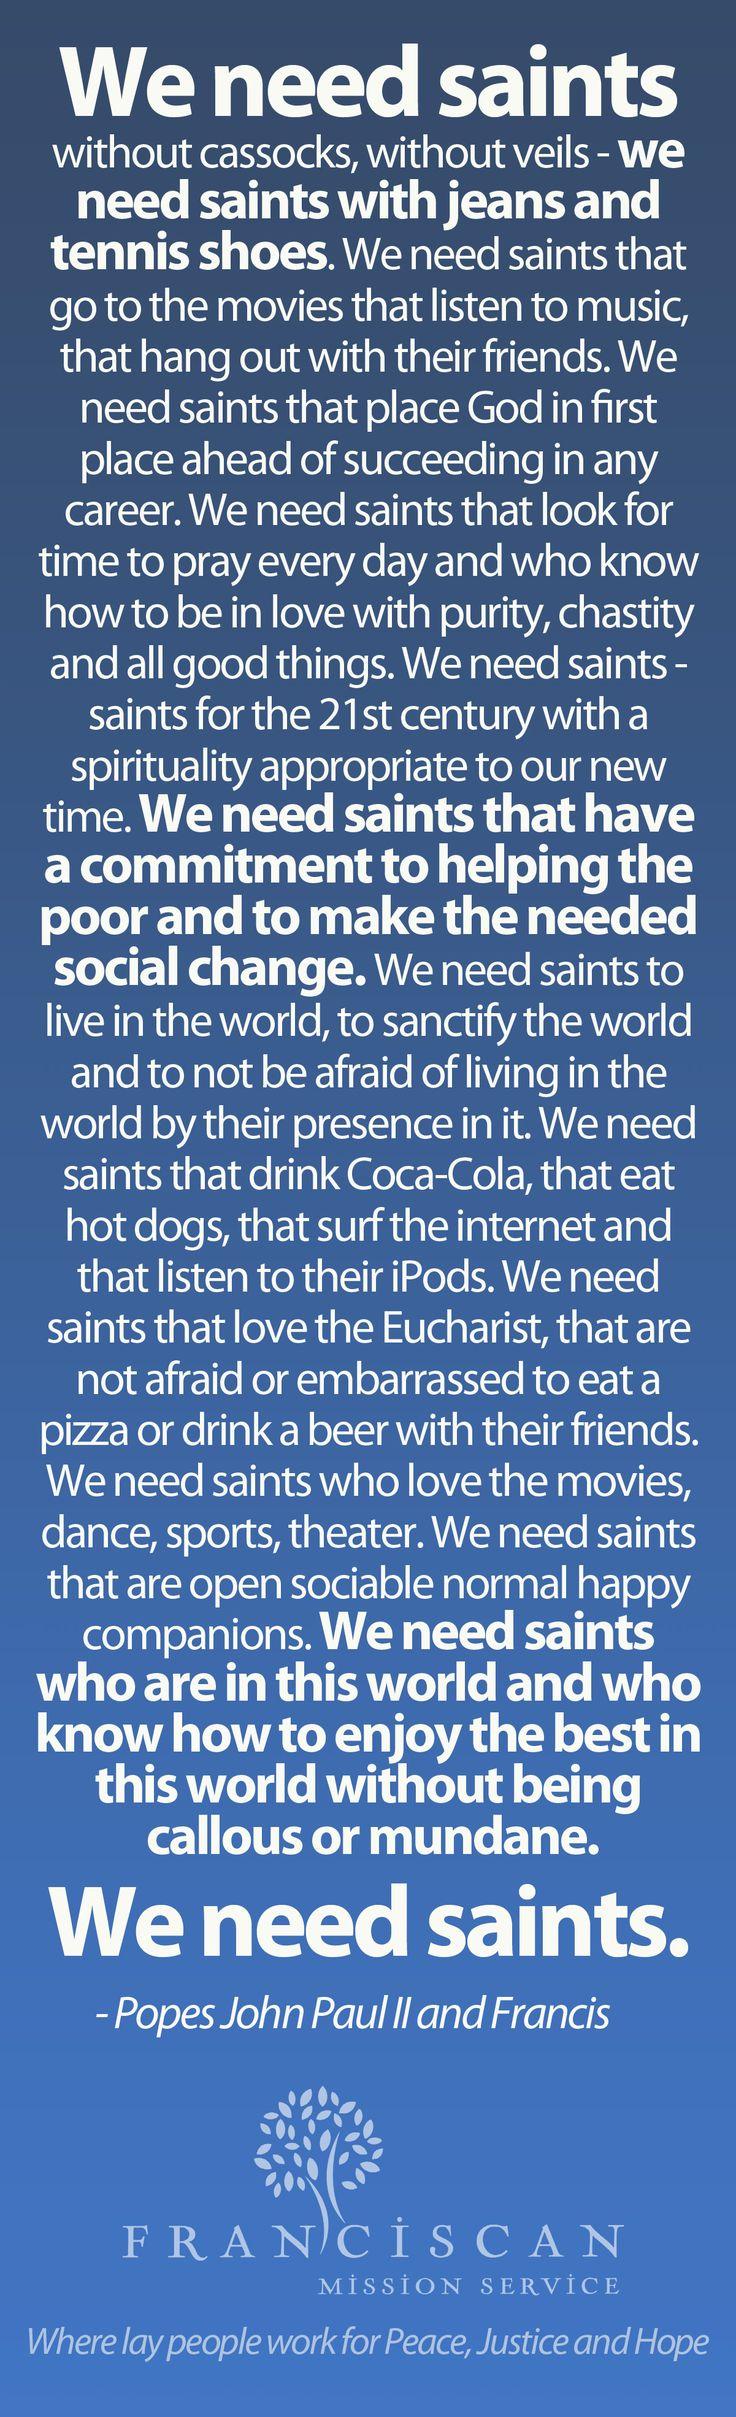 We need saints!